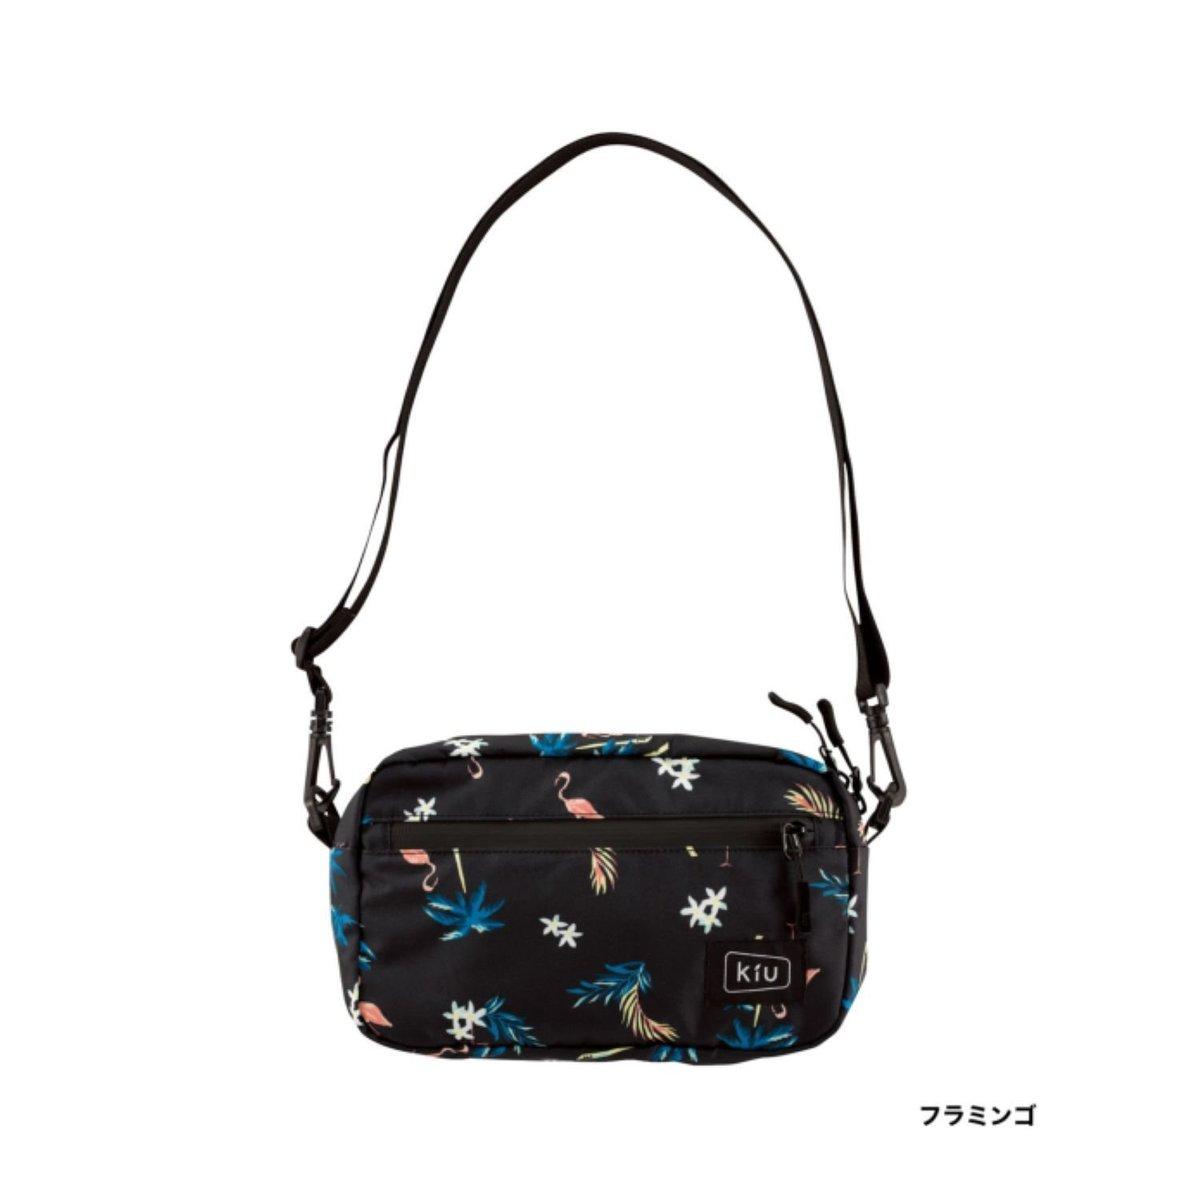 Kiu Series Waterproof Mini Shoulder Bag - FLAMINGO